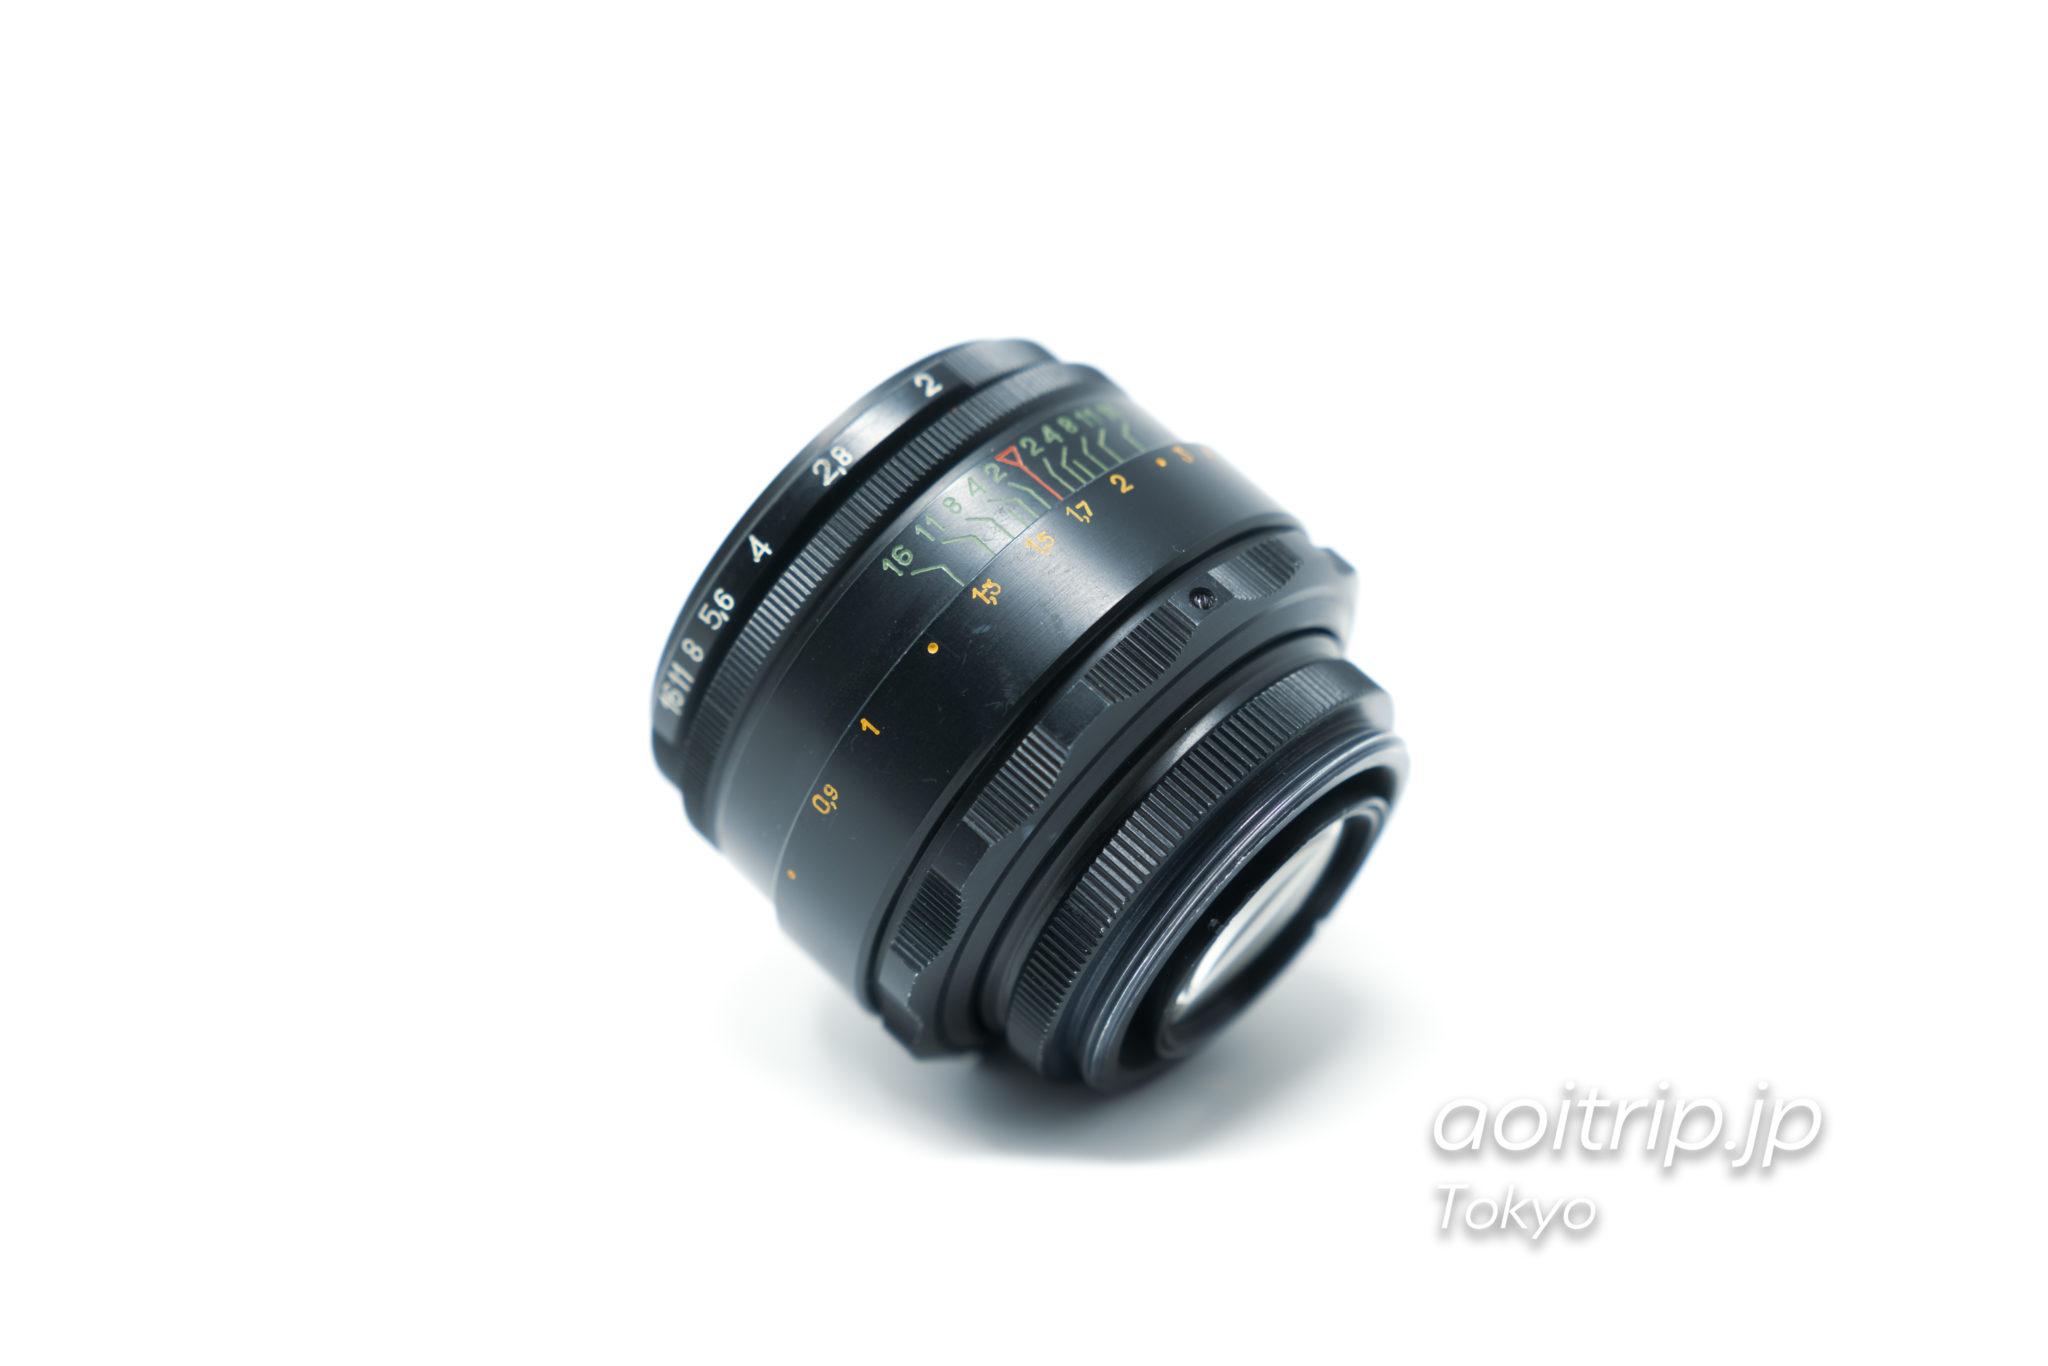 ヘリオス44-2(Helios44-2 58mm F2.0)